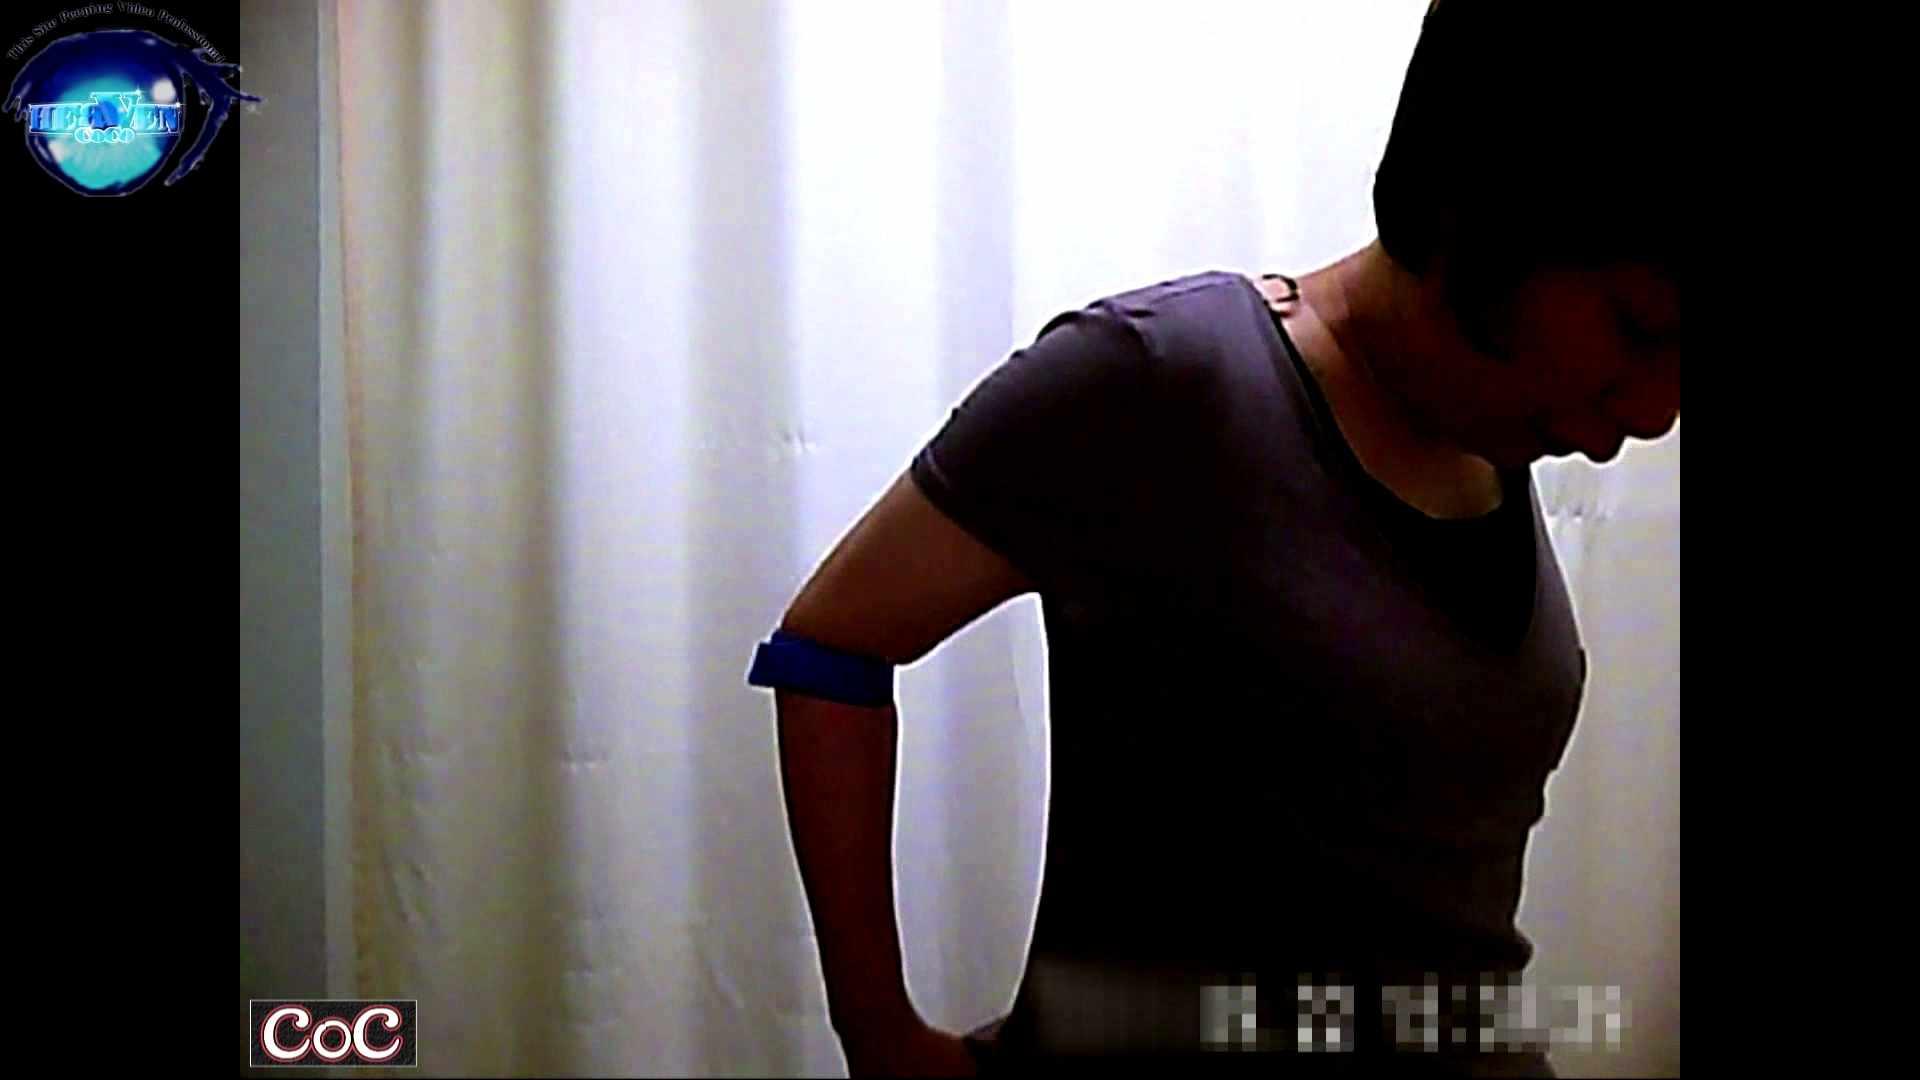 激ヤバ健康診断!着替えの一部始終.vol.32※本編ボカシ・目線無し 盗撮 盗撮動画紹介 91PICs 32